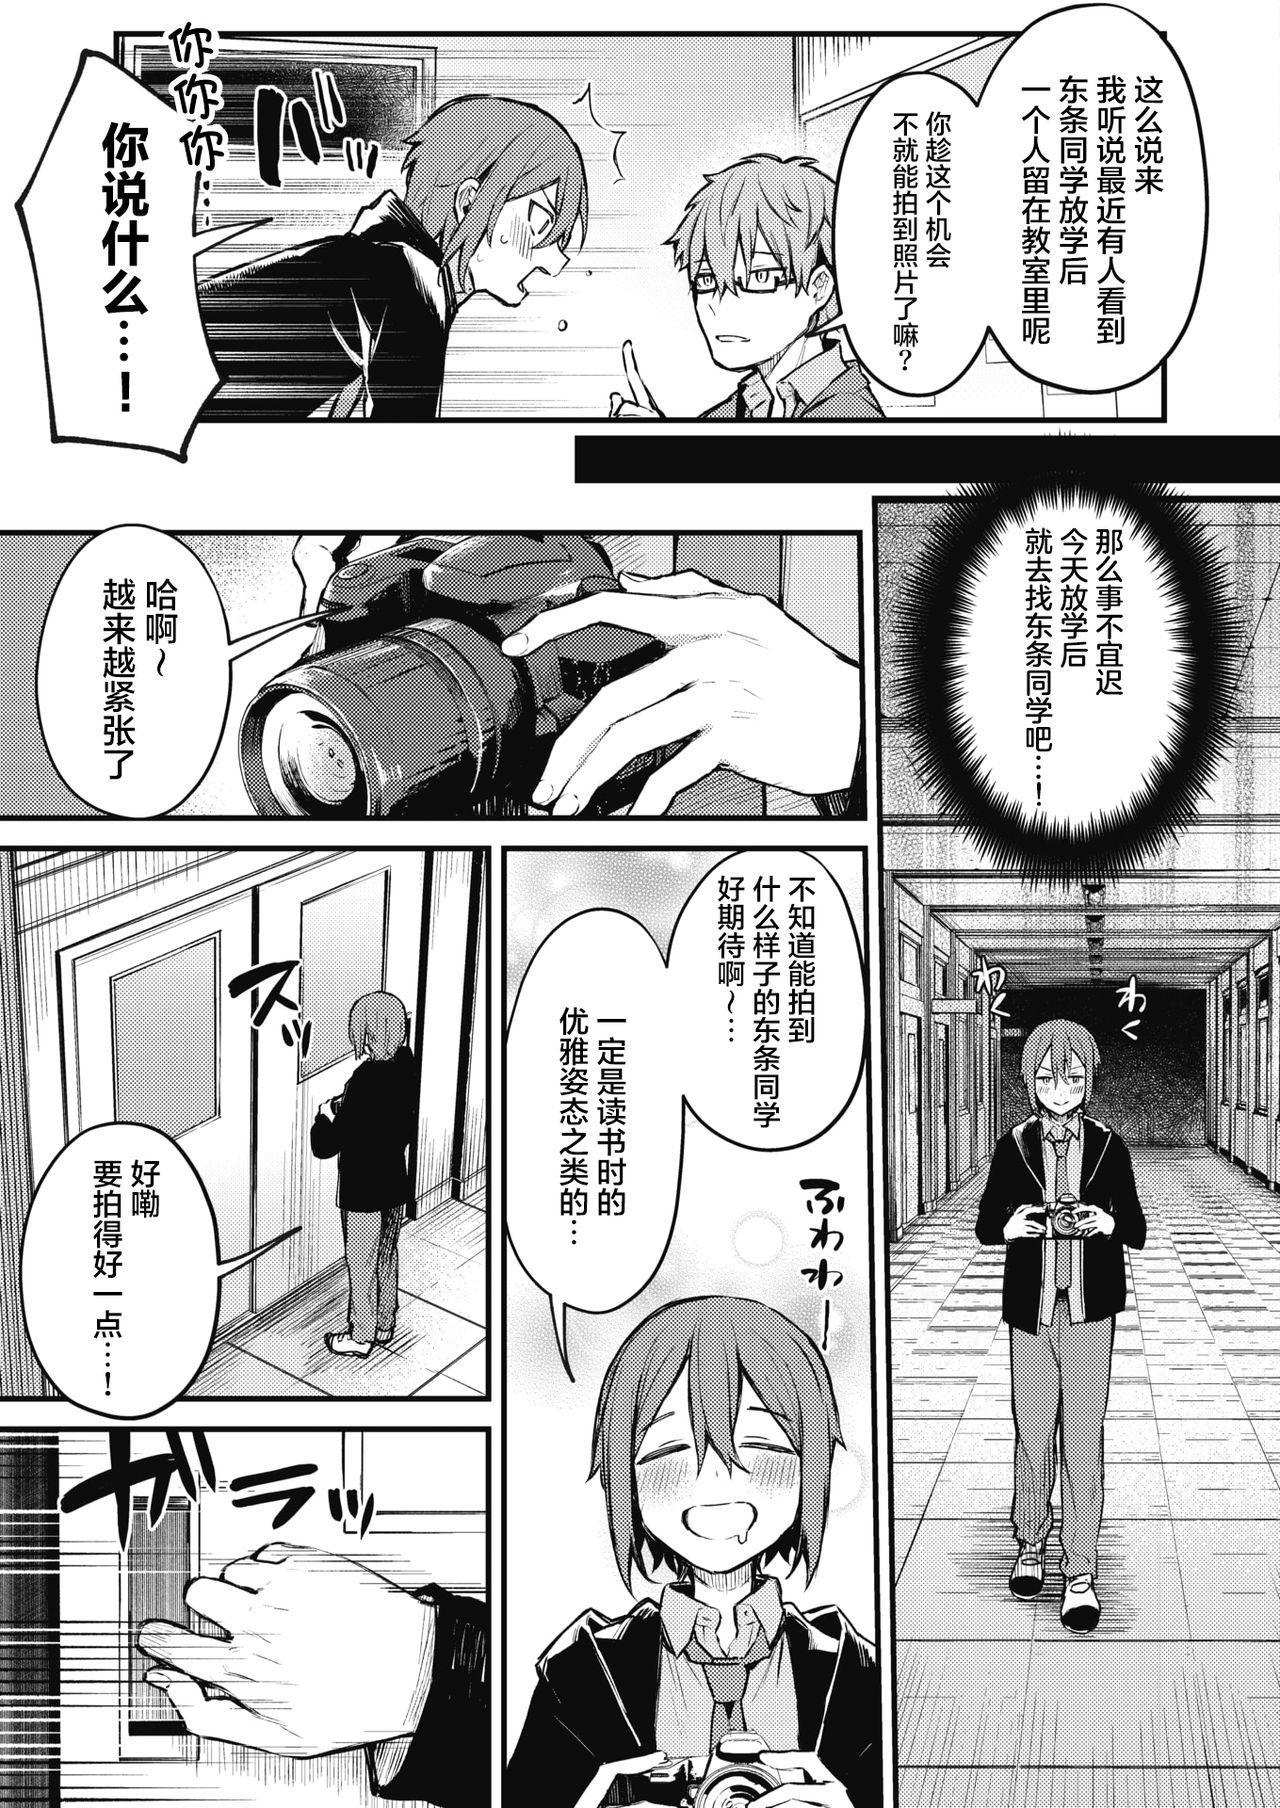 Himitsu no Haishin 3